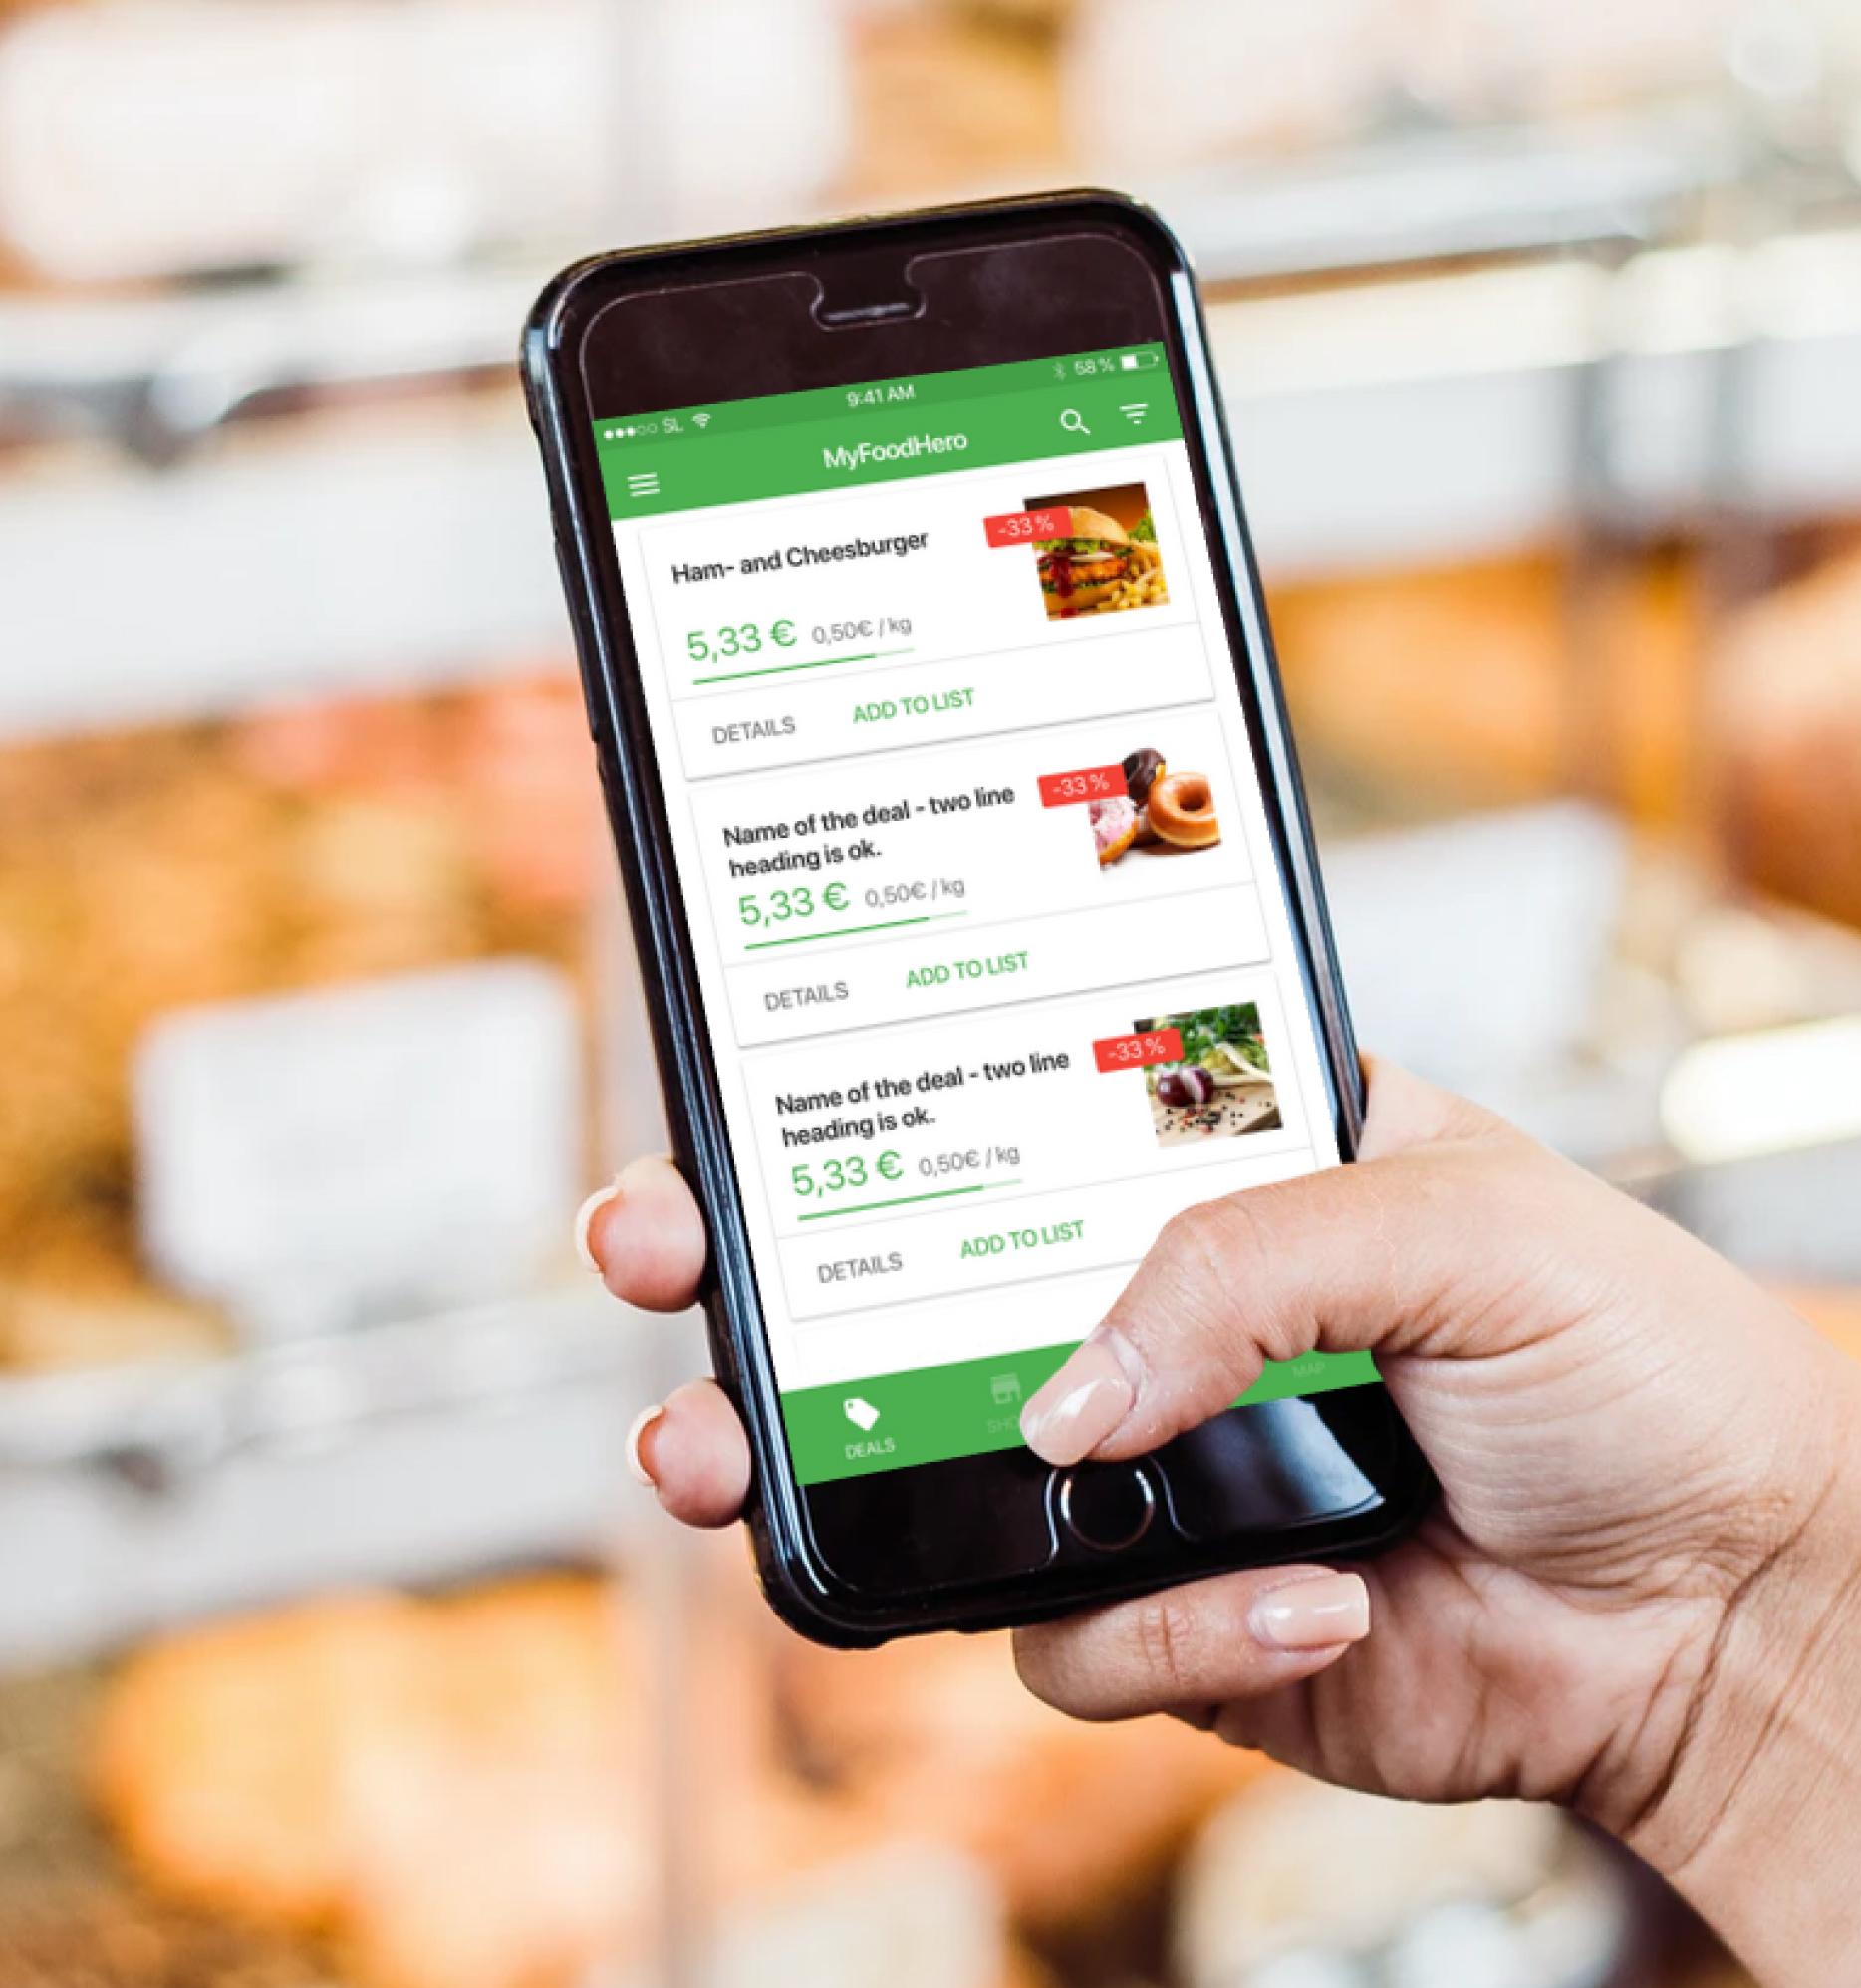 MyFoodHero - Eine Plattform, um Lebensmittel zu retten, bevor sie verschwendet werden.